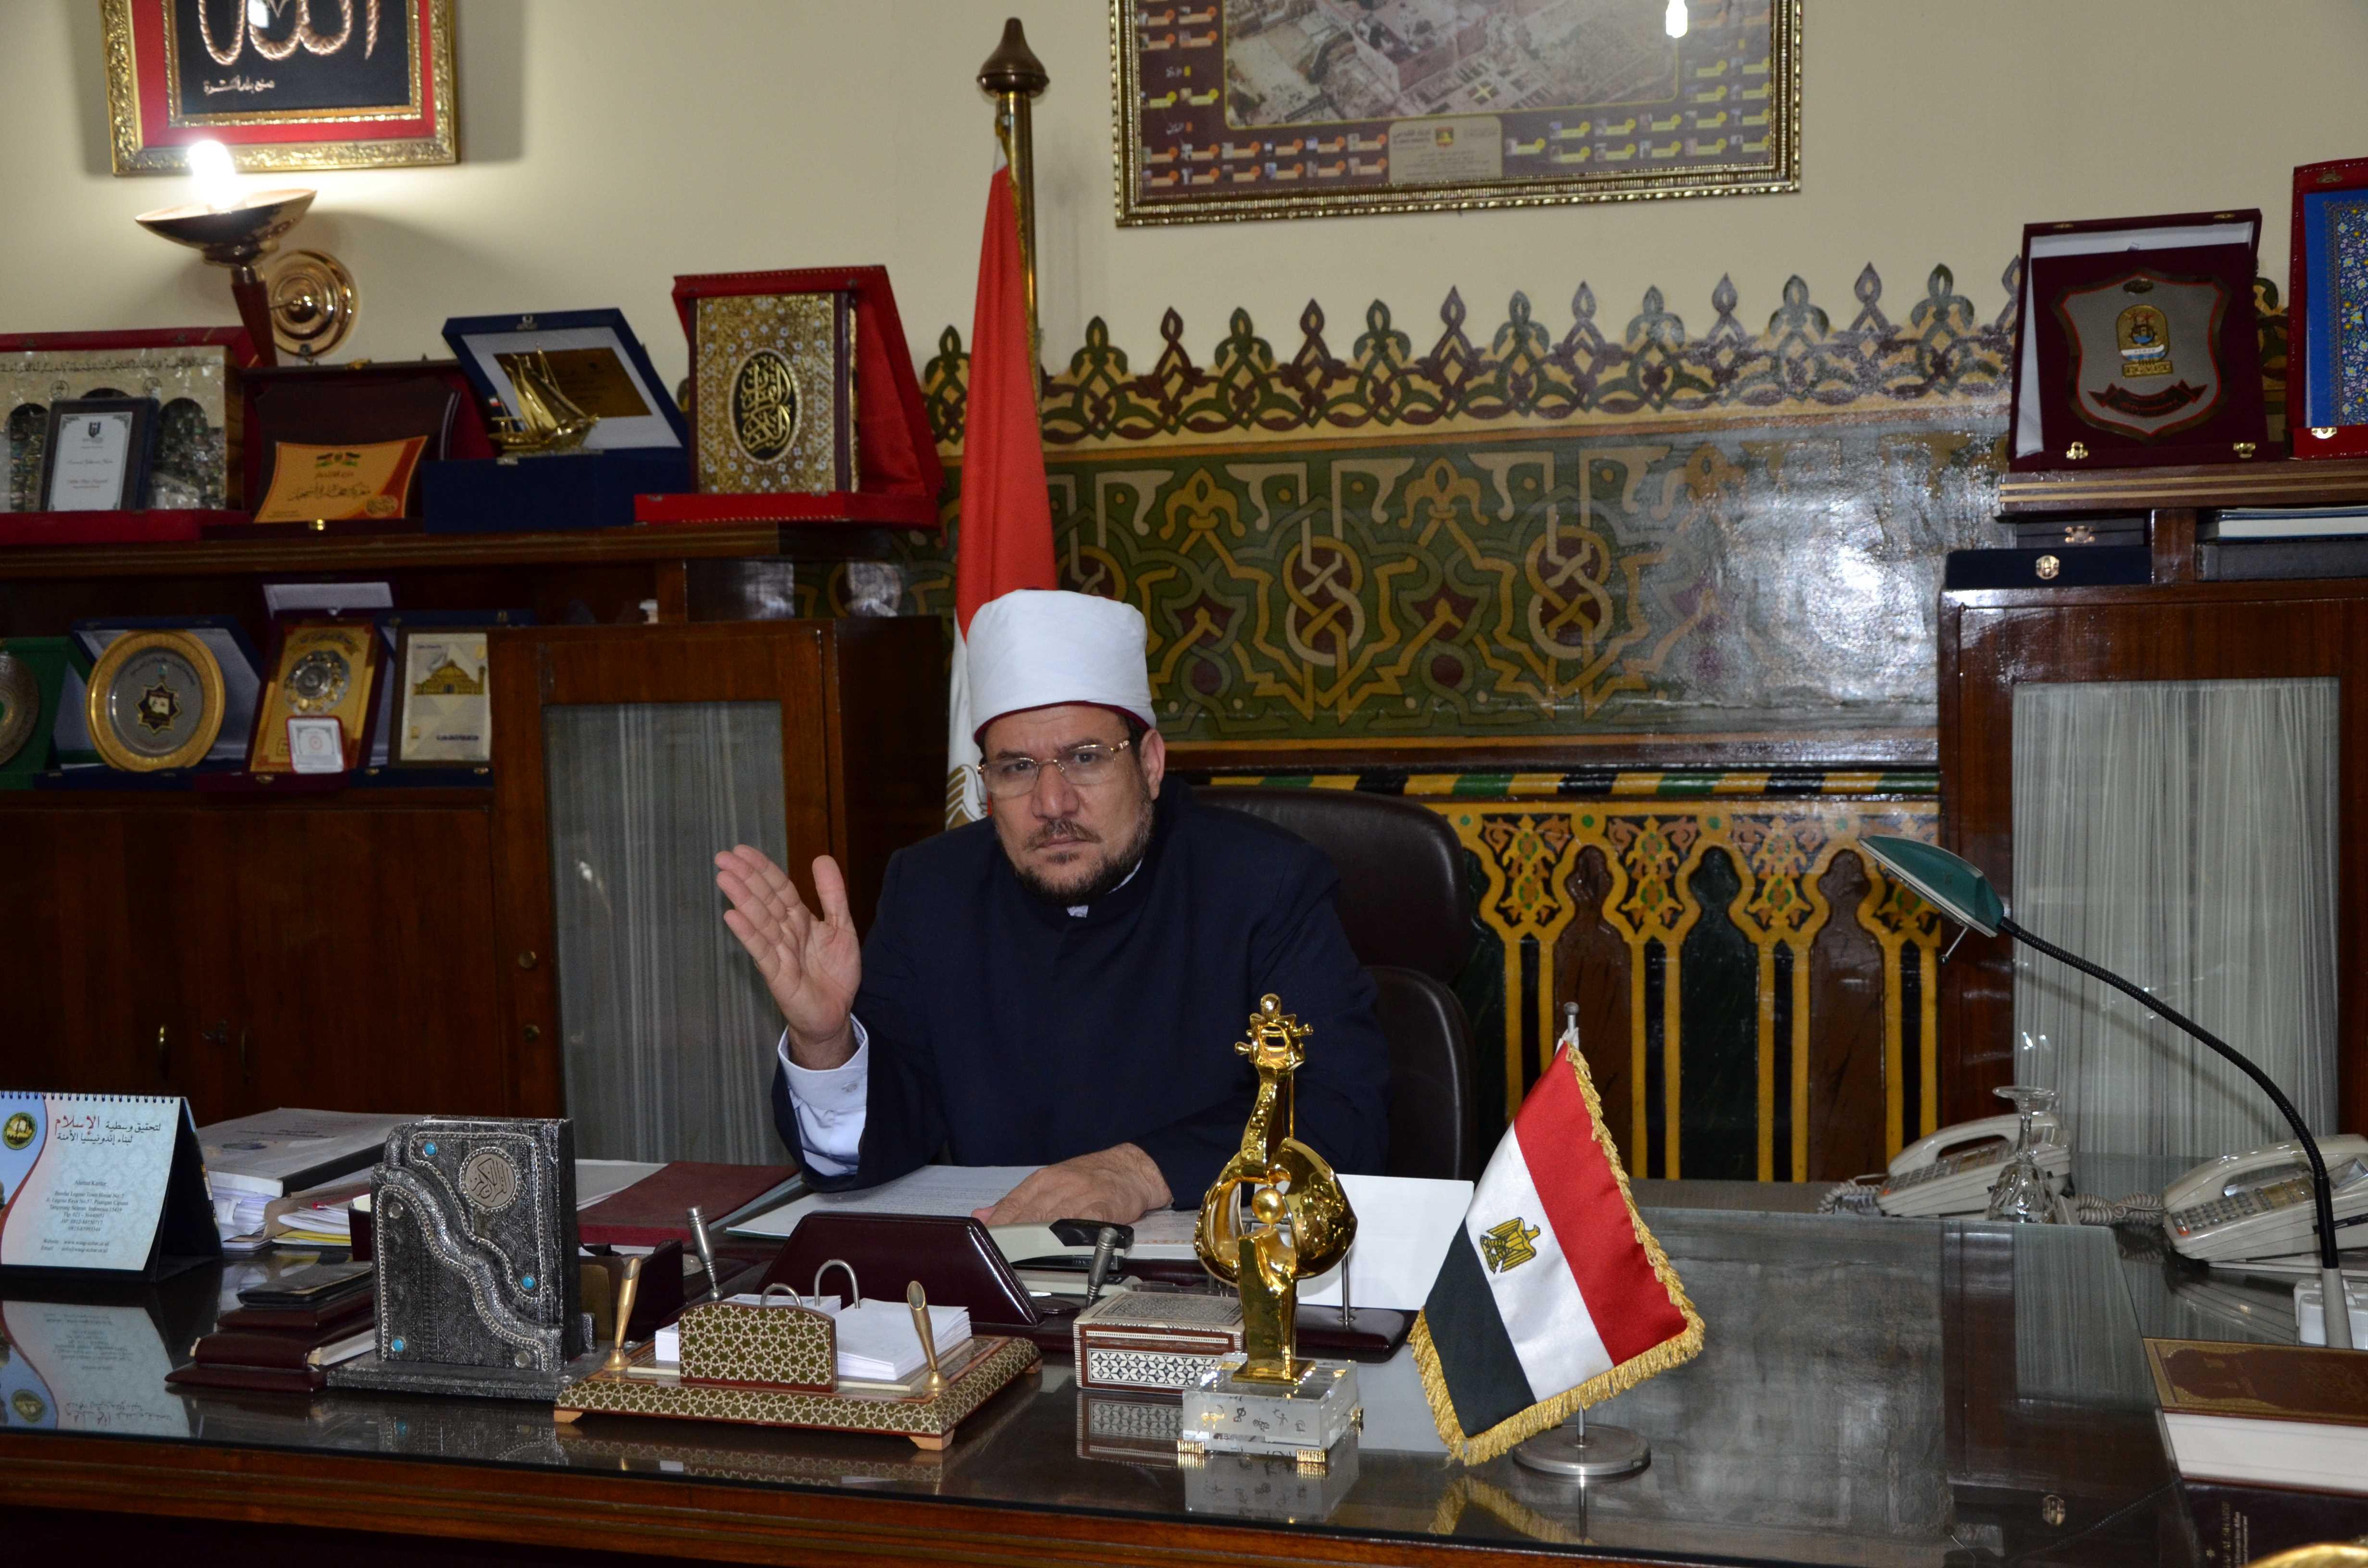 صورة  إحالة السيد /محمد محمد مهدي مرسي  إلى وظيفة باحث دعوة